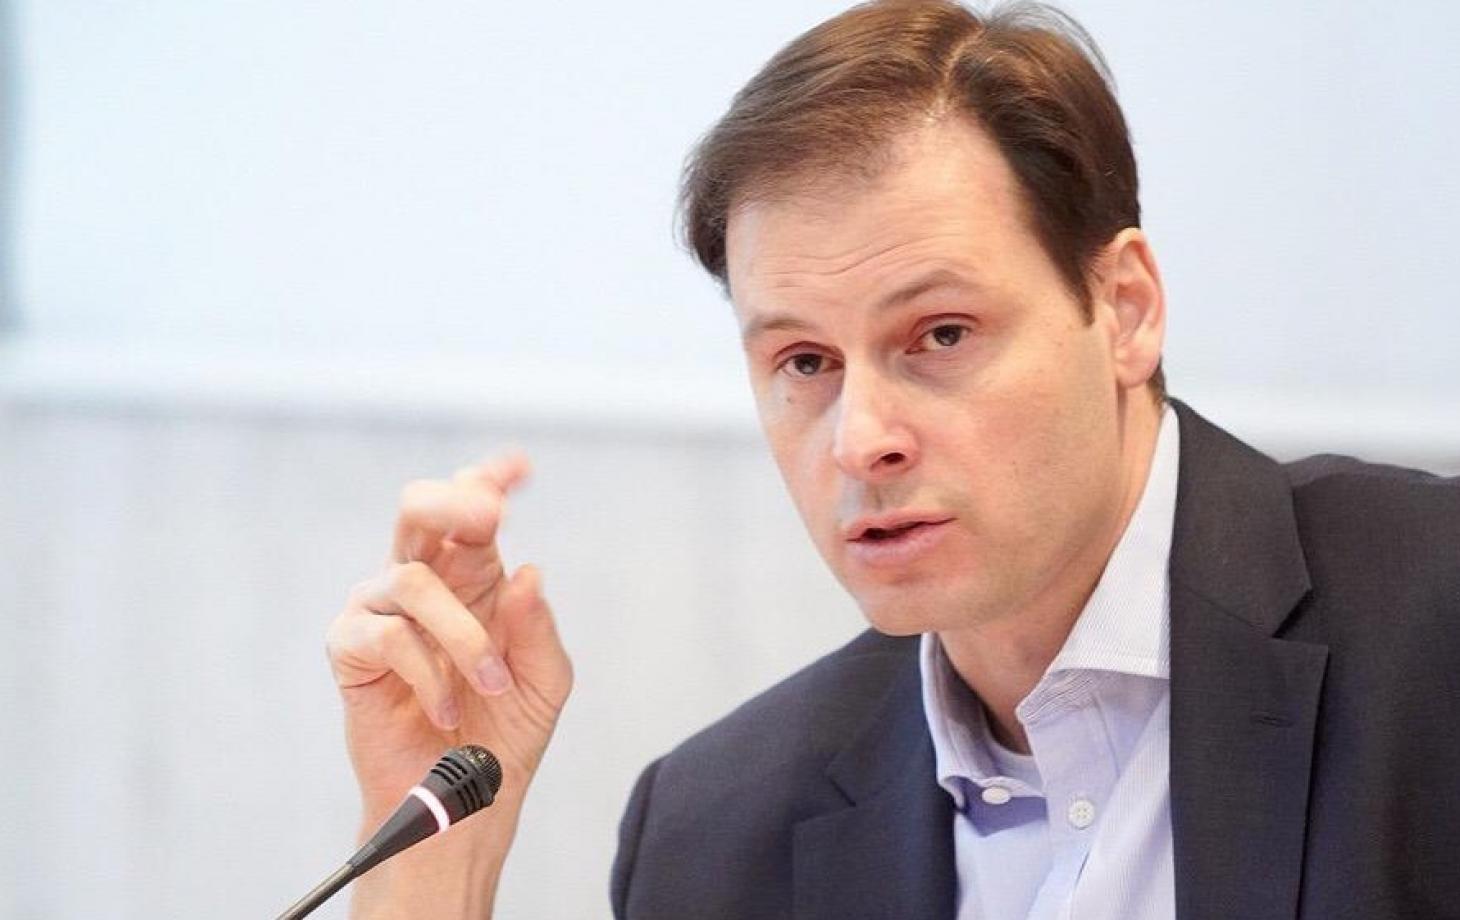 Кирилл Лучинский остается под домашним арестом и намерен обратиться в ЕСПЧ